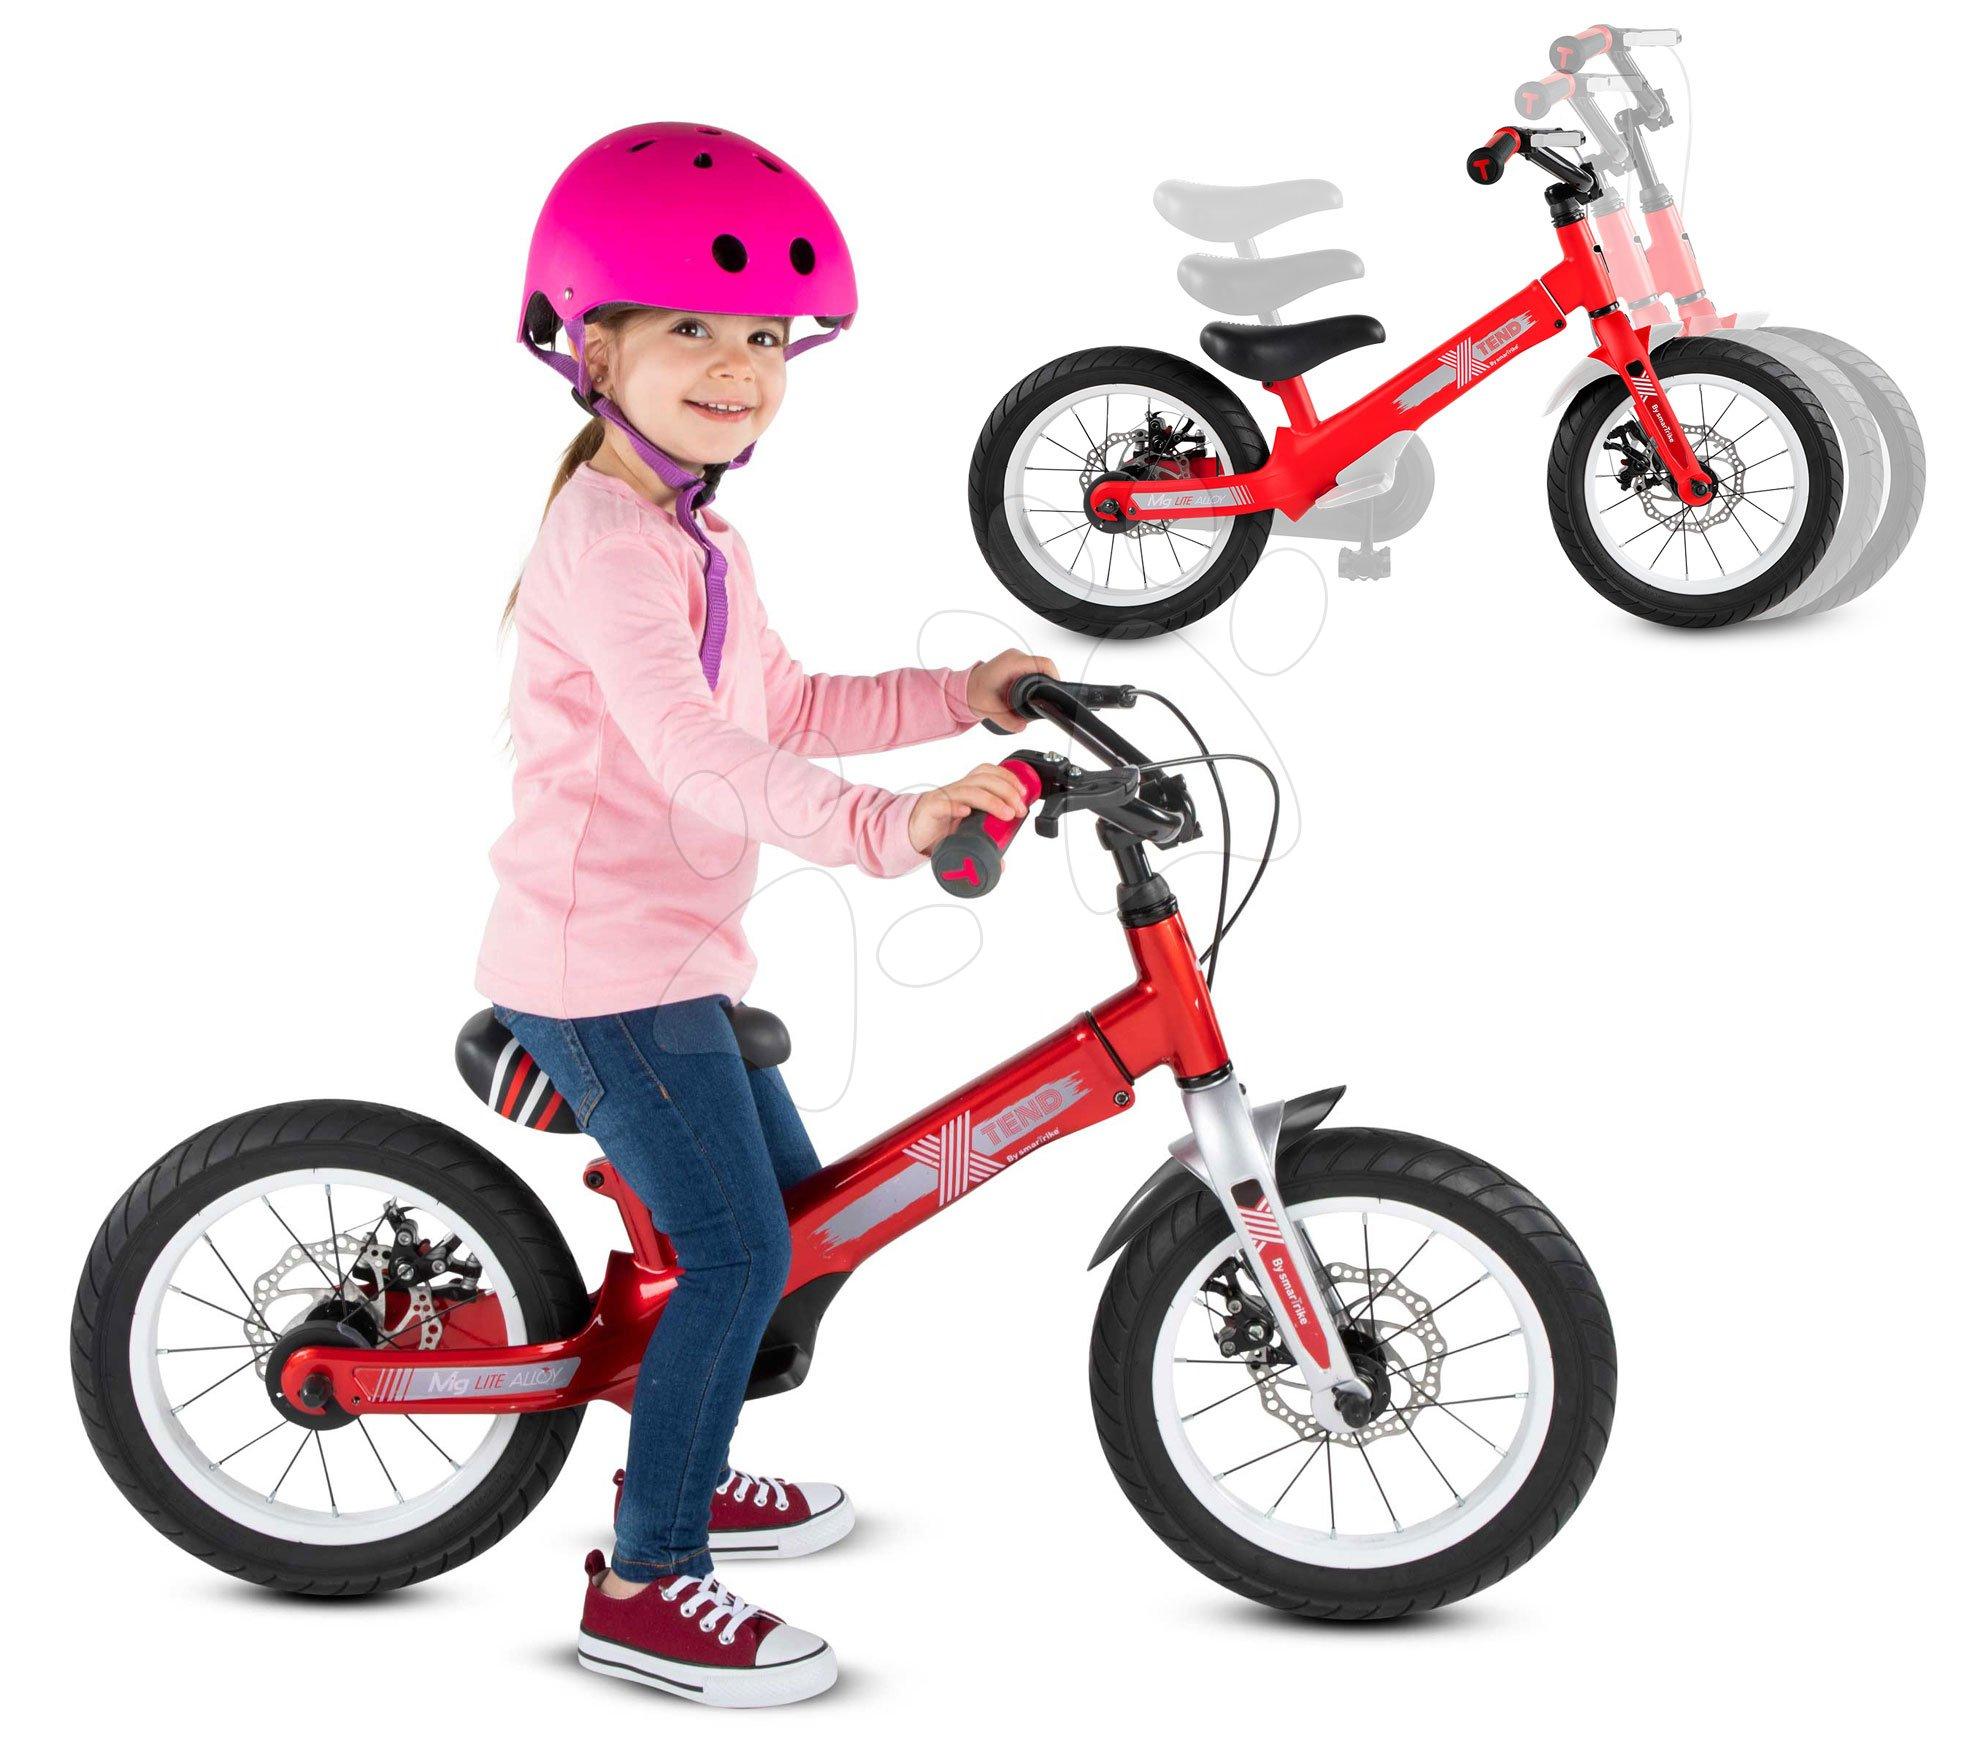 Otroška kolesa 12 - Kolo Xtend Mg+Bike Red smarTrike razširitveni okvir iz magnezija in 2 zavorna diska od 3-7 leta